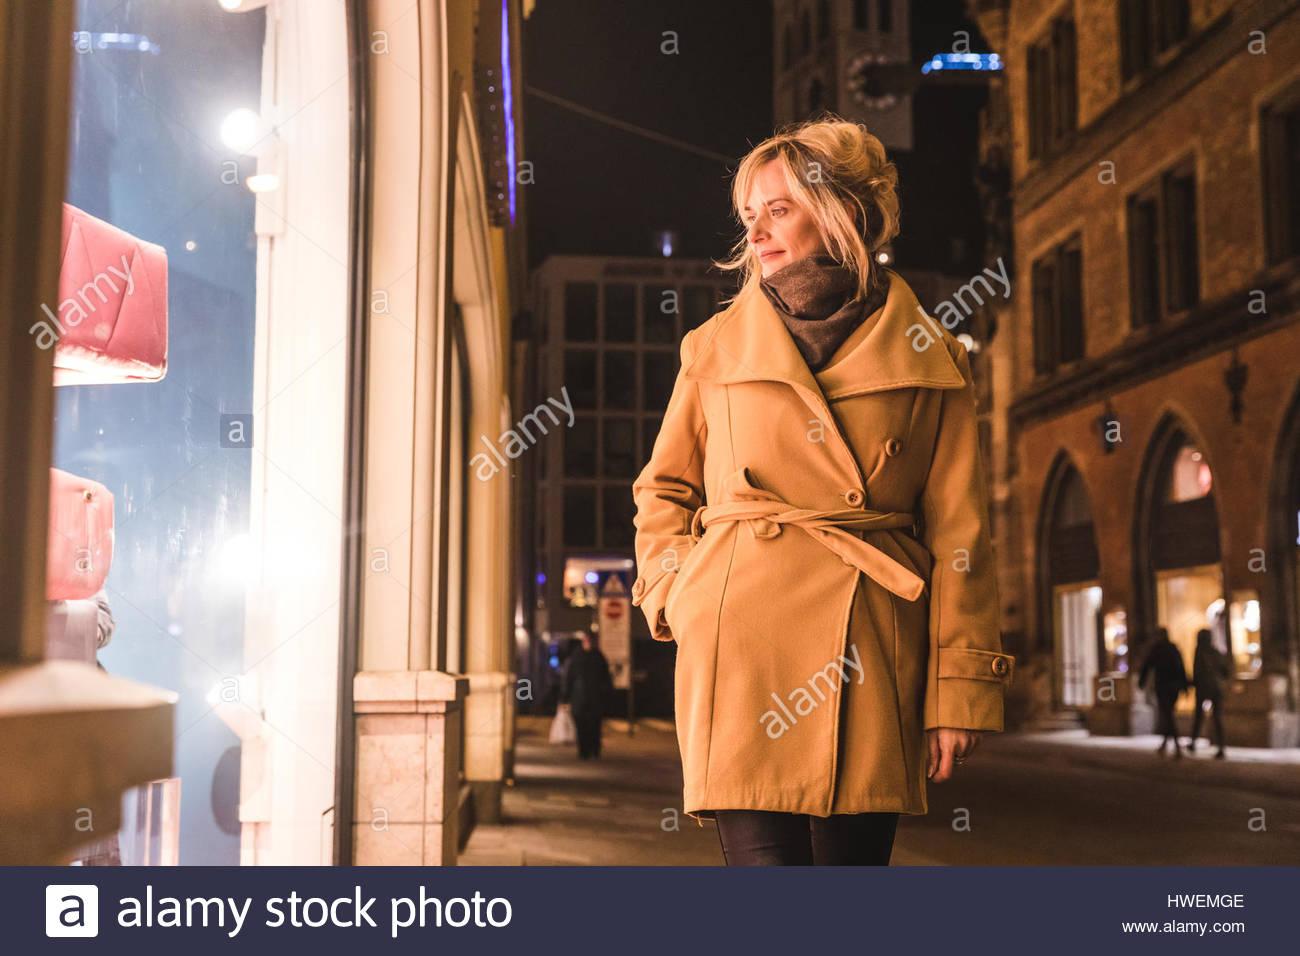 Mature woman window shopping at night, Munich, Germany - Stock Image